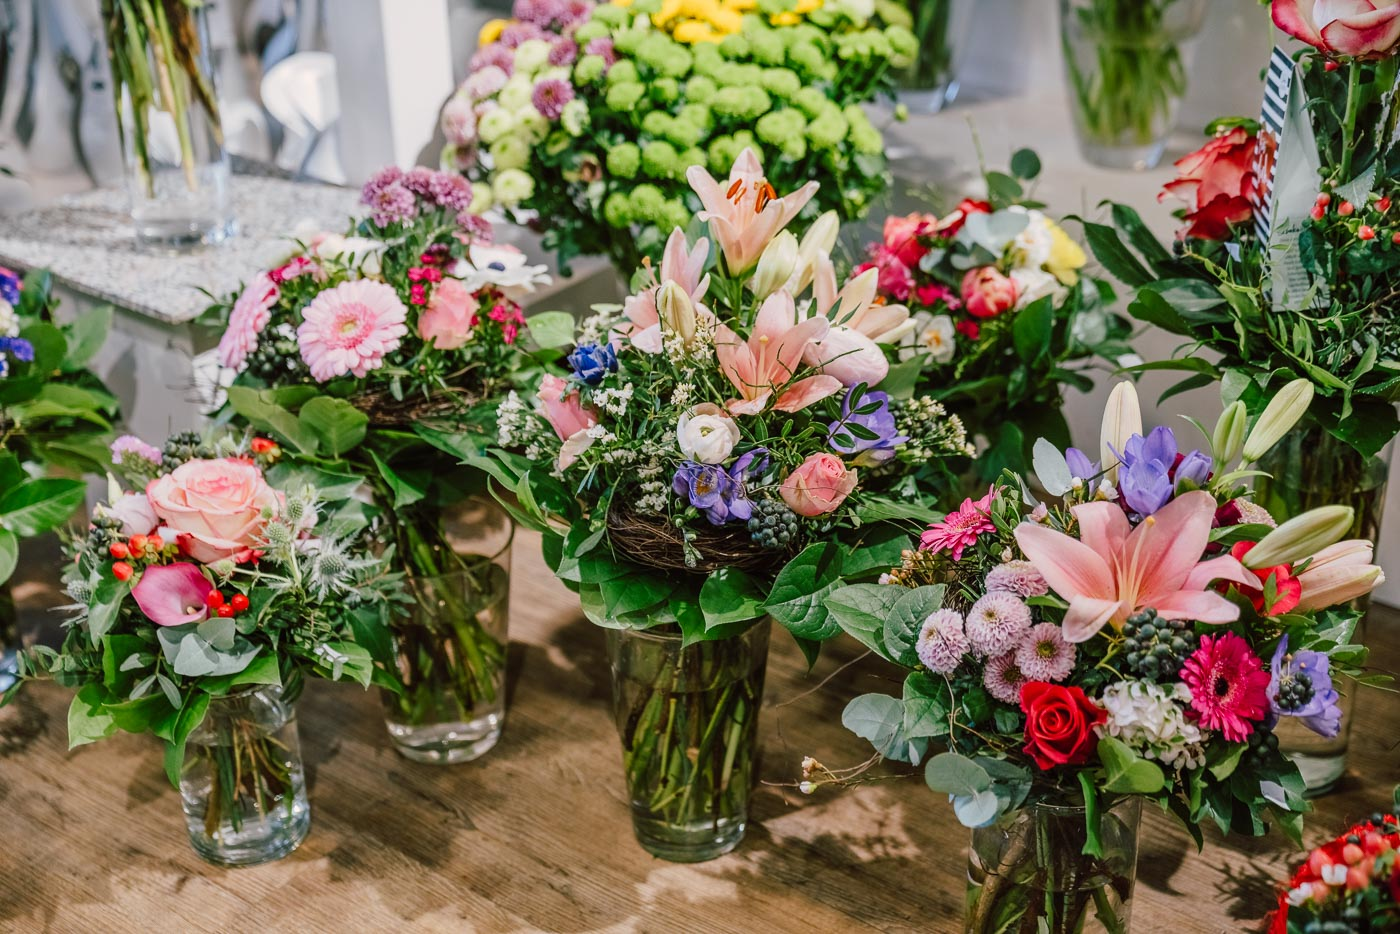 Blumen-Gaby-Strohmeier-straeusse-feb20-7